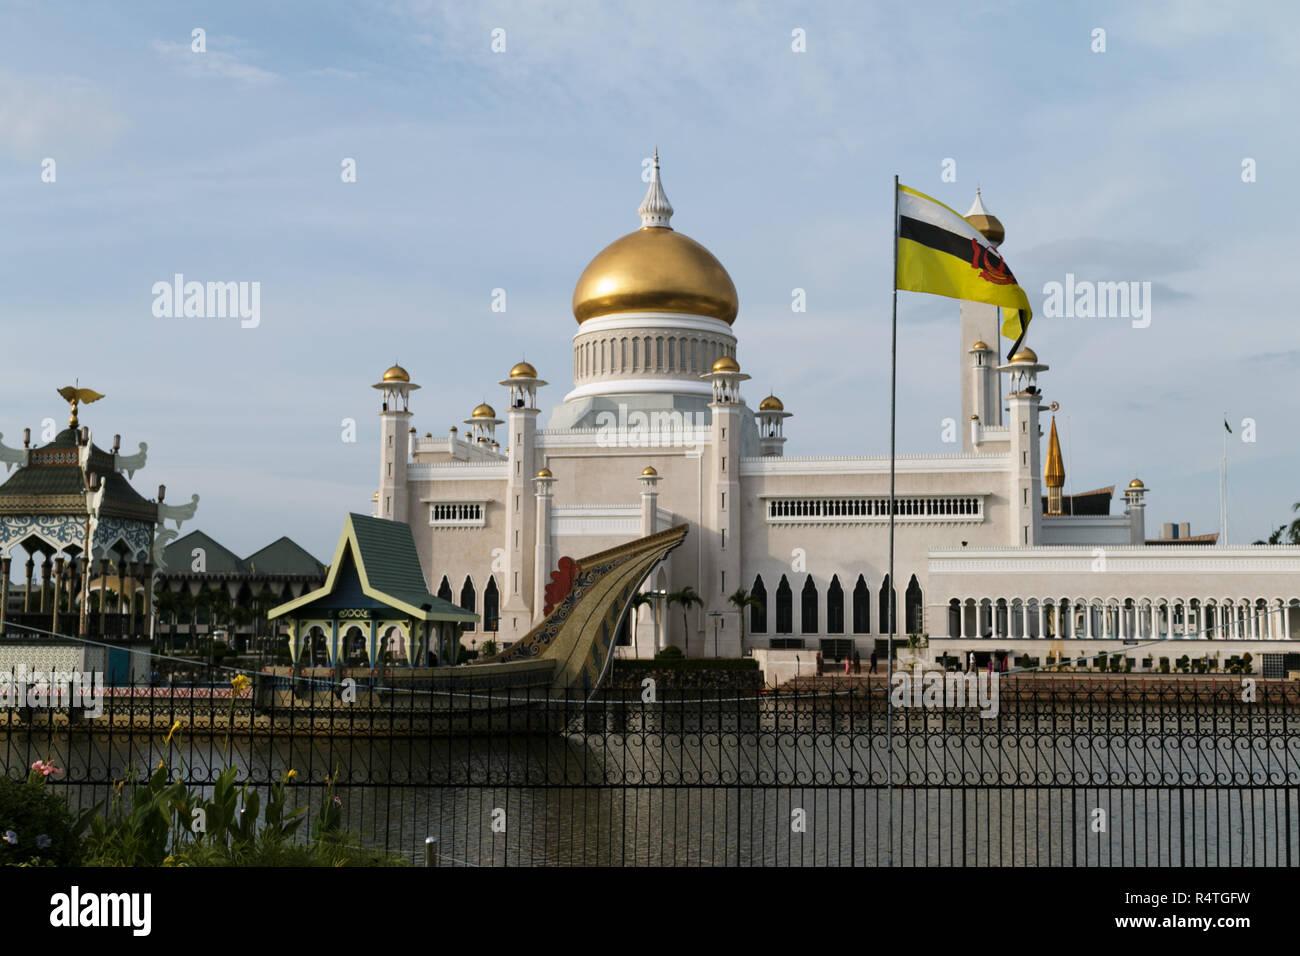 Sultan Omar Ali Saifuddien Mosque - Stock Image